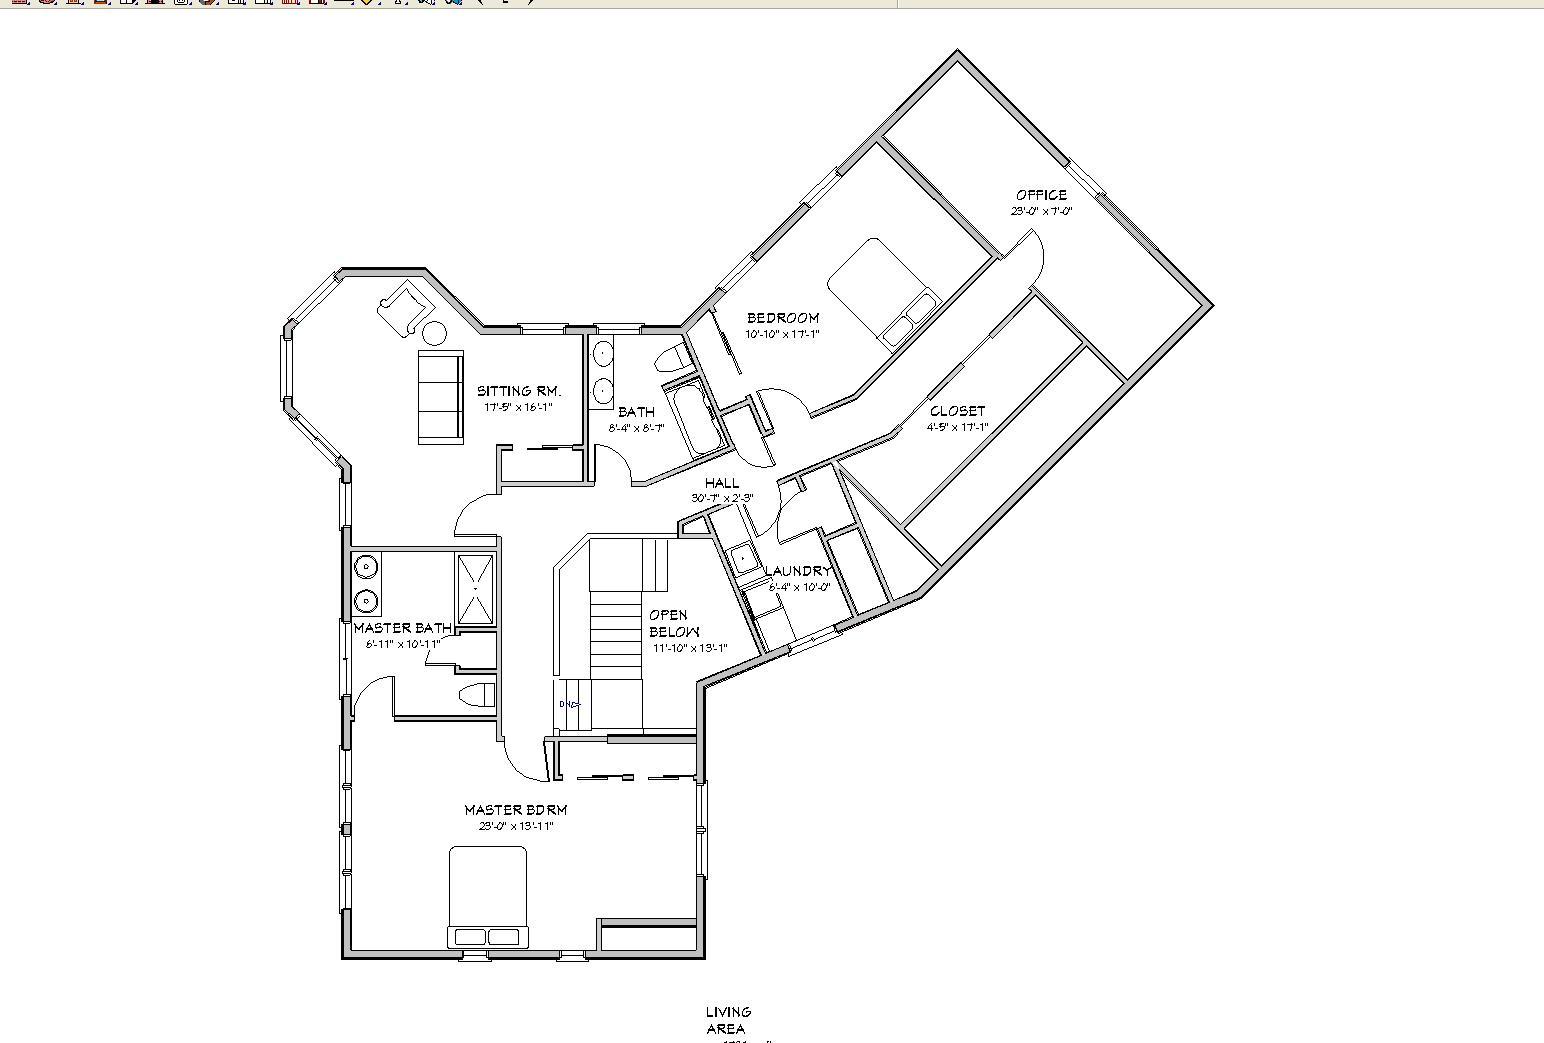 Descargar planos de casas y viviendas gratis fotos de planos de plantas de casas vivienda - Casas americanas planos ...